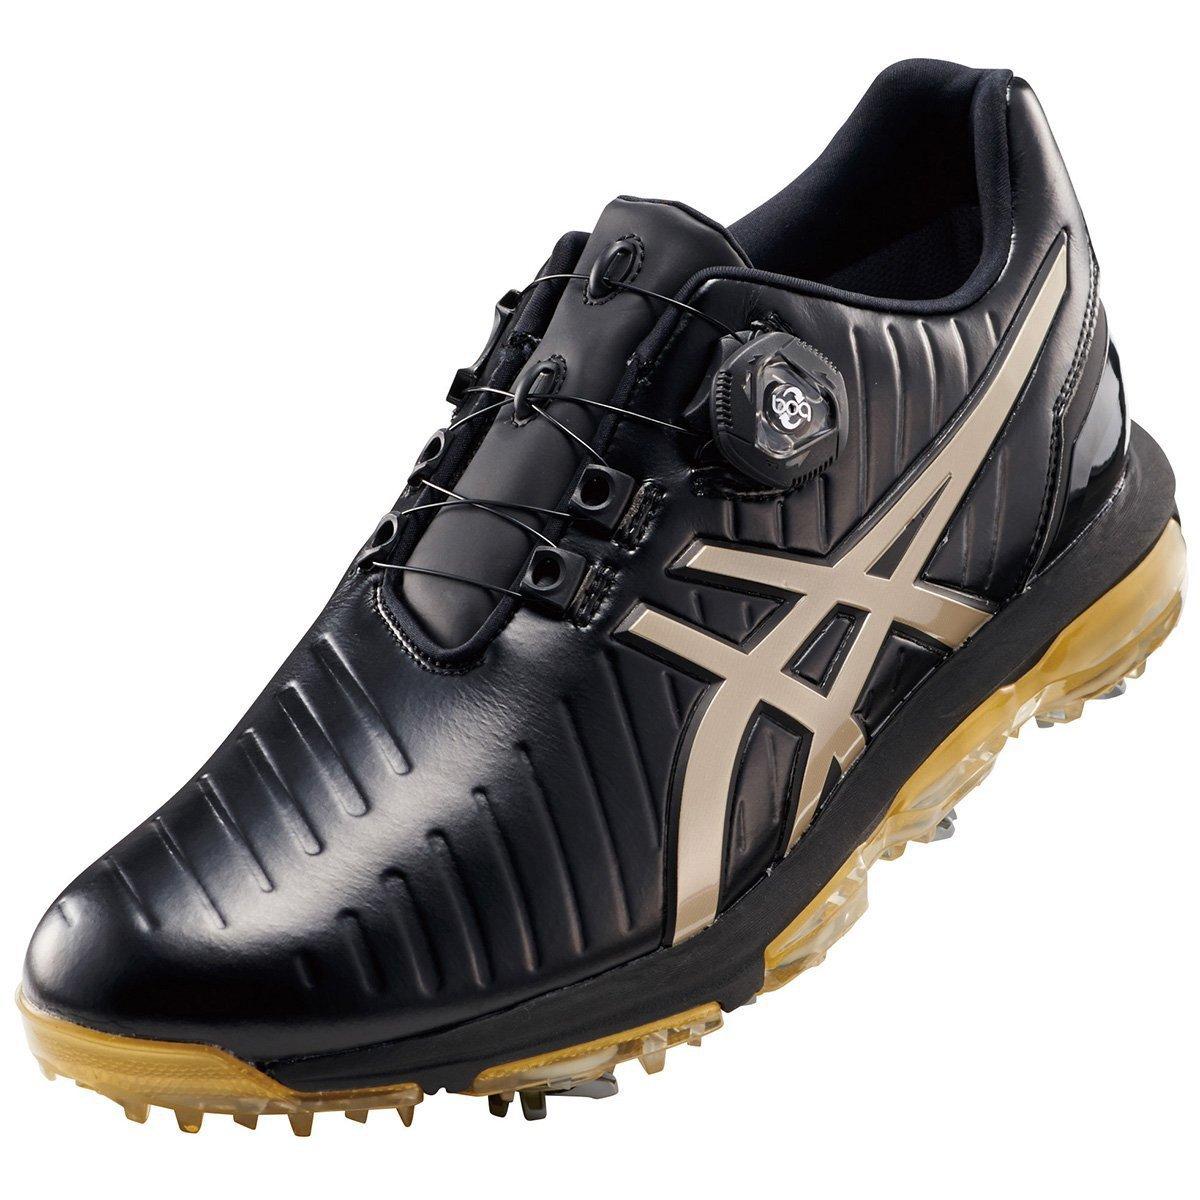 [アシックス] GEL-ACE PRO3 Boa ゲルエースプロ3ボア ゴルフシューズ ブラック/ラテ TGN919 B01N4TT2V9 28.0cm